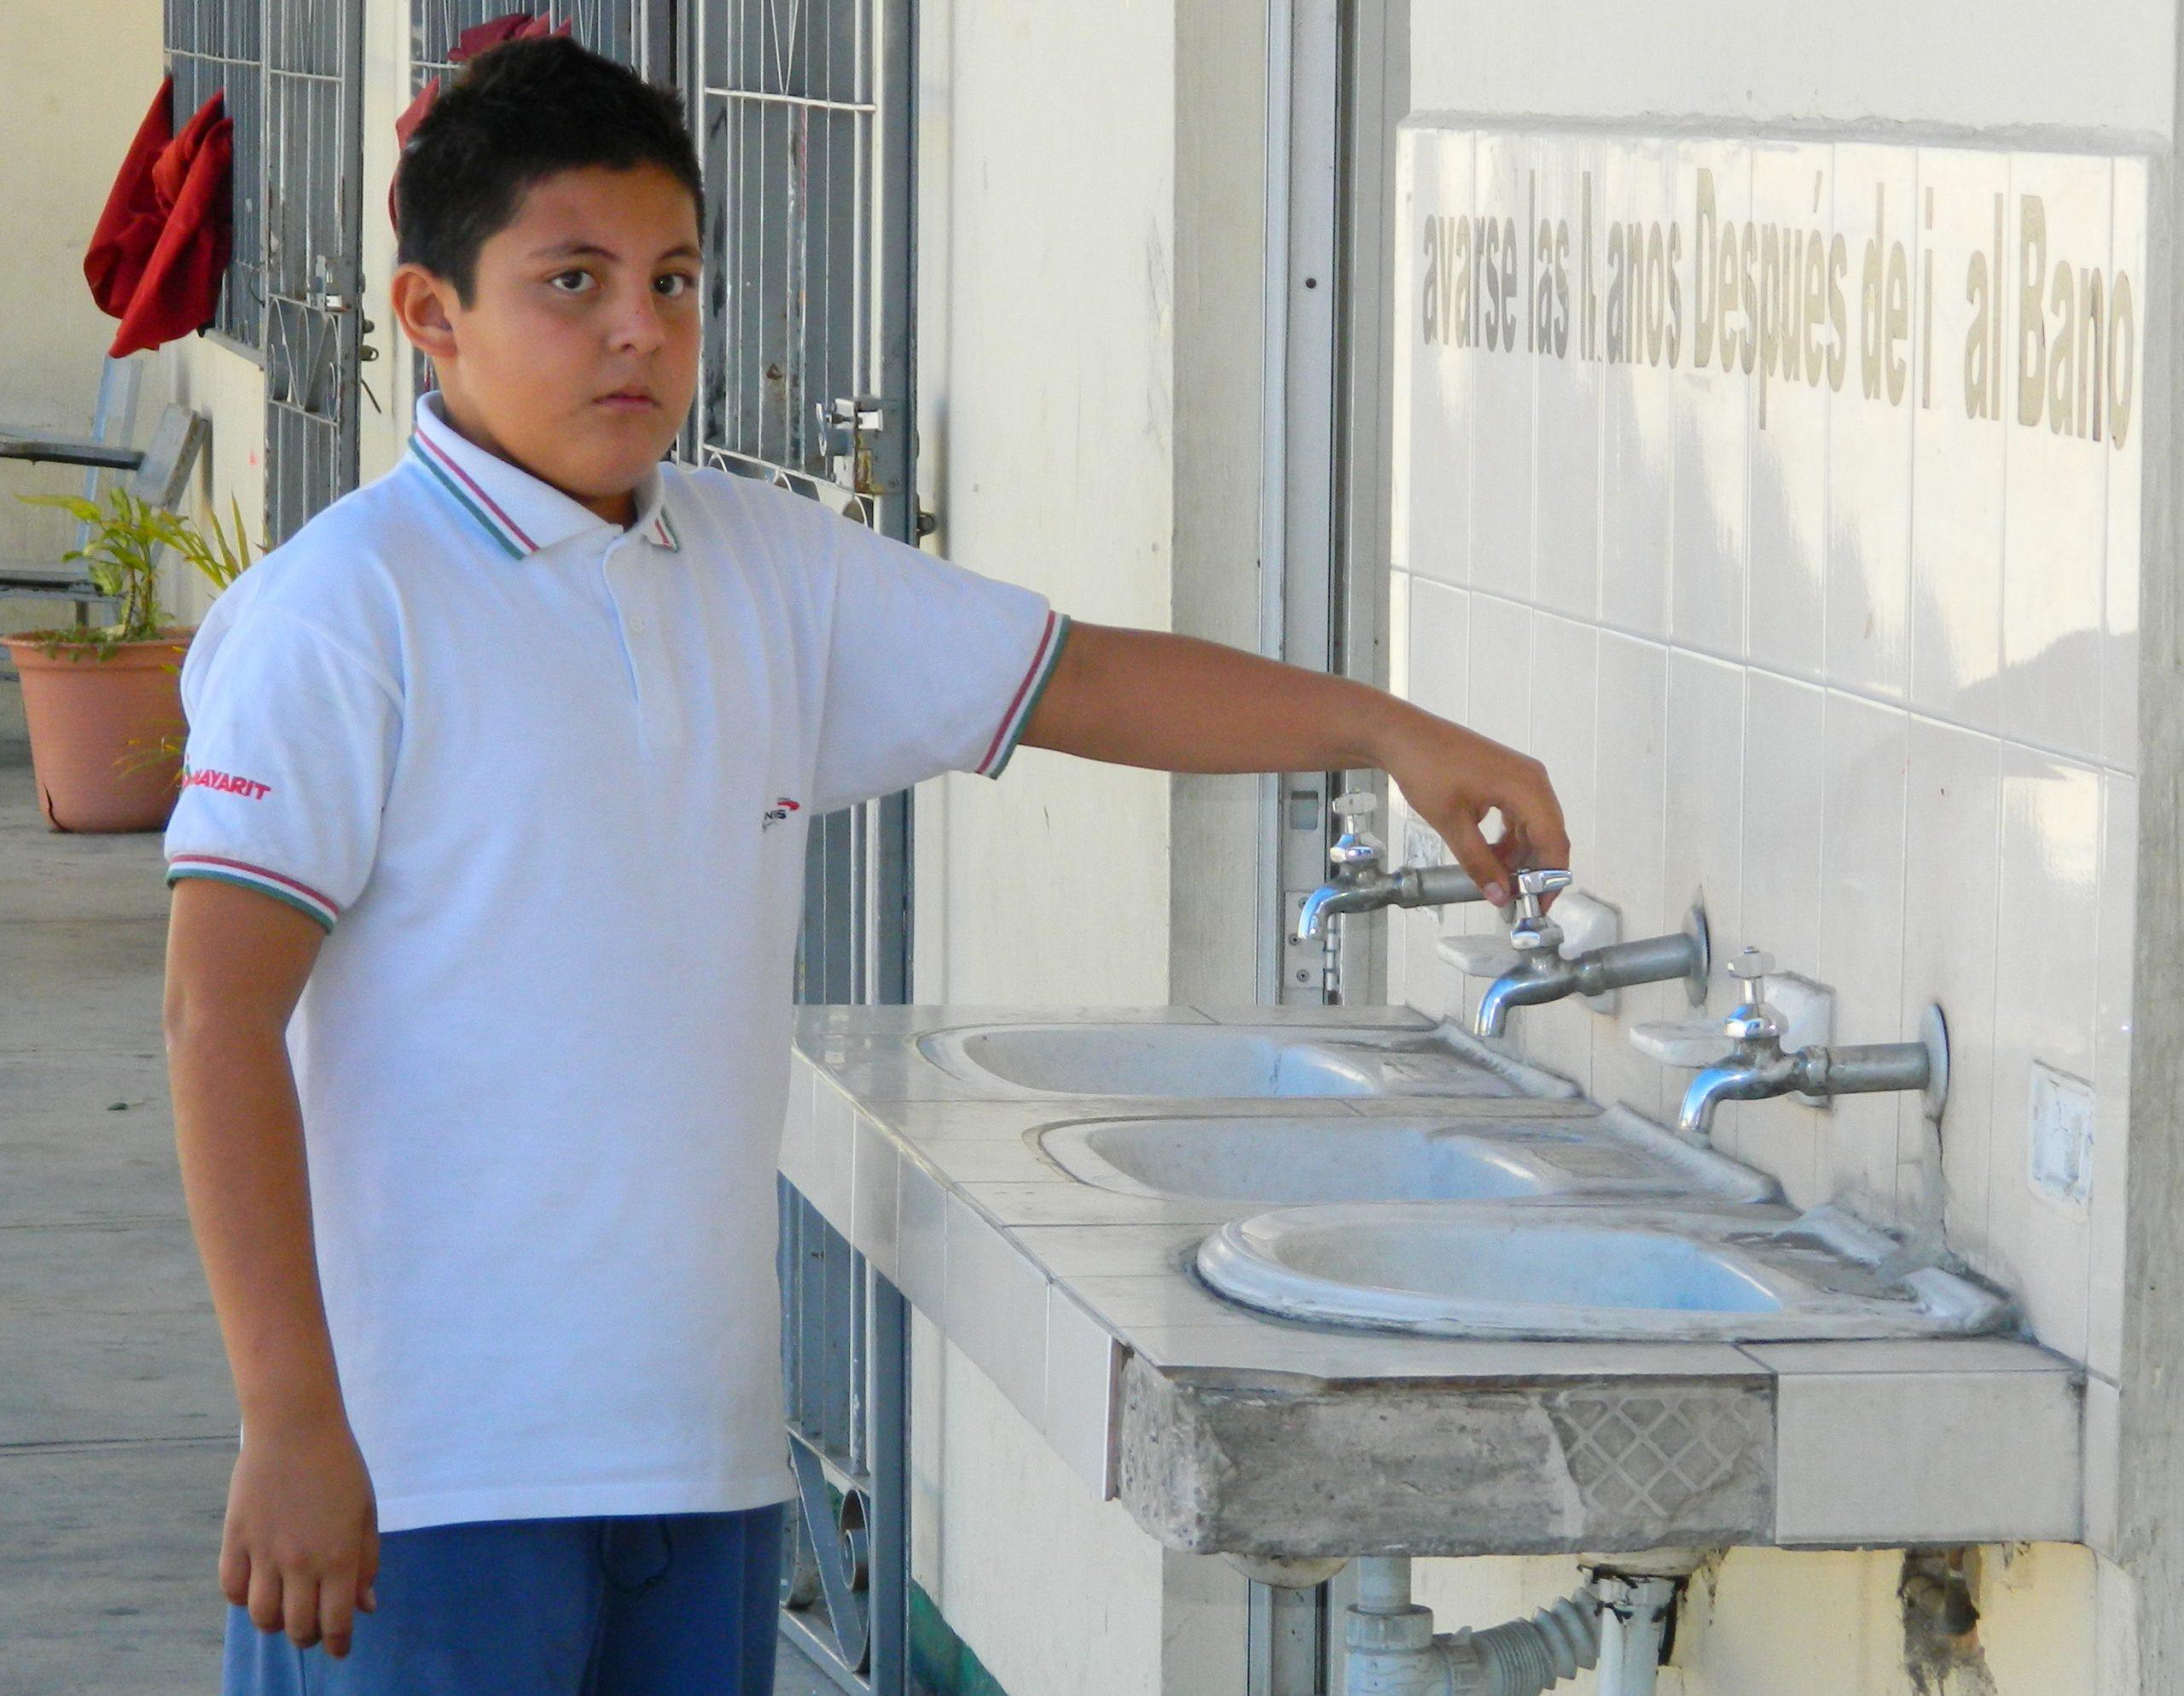 México: Hay 46 mil 515 escuelas sin agua en México, representan 23%: SEP (Palabras Claras)